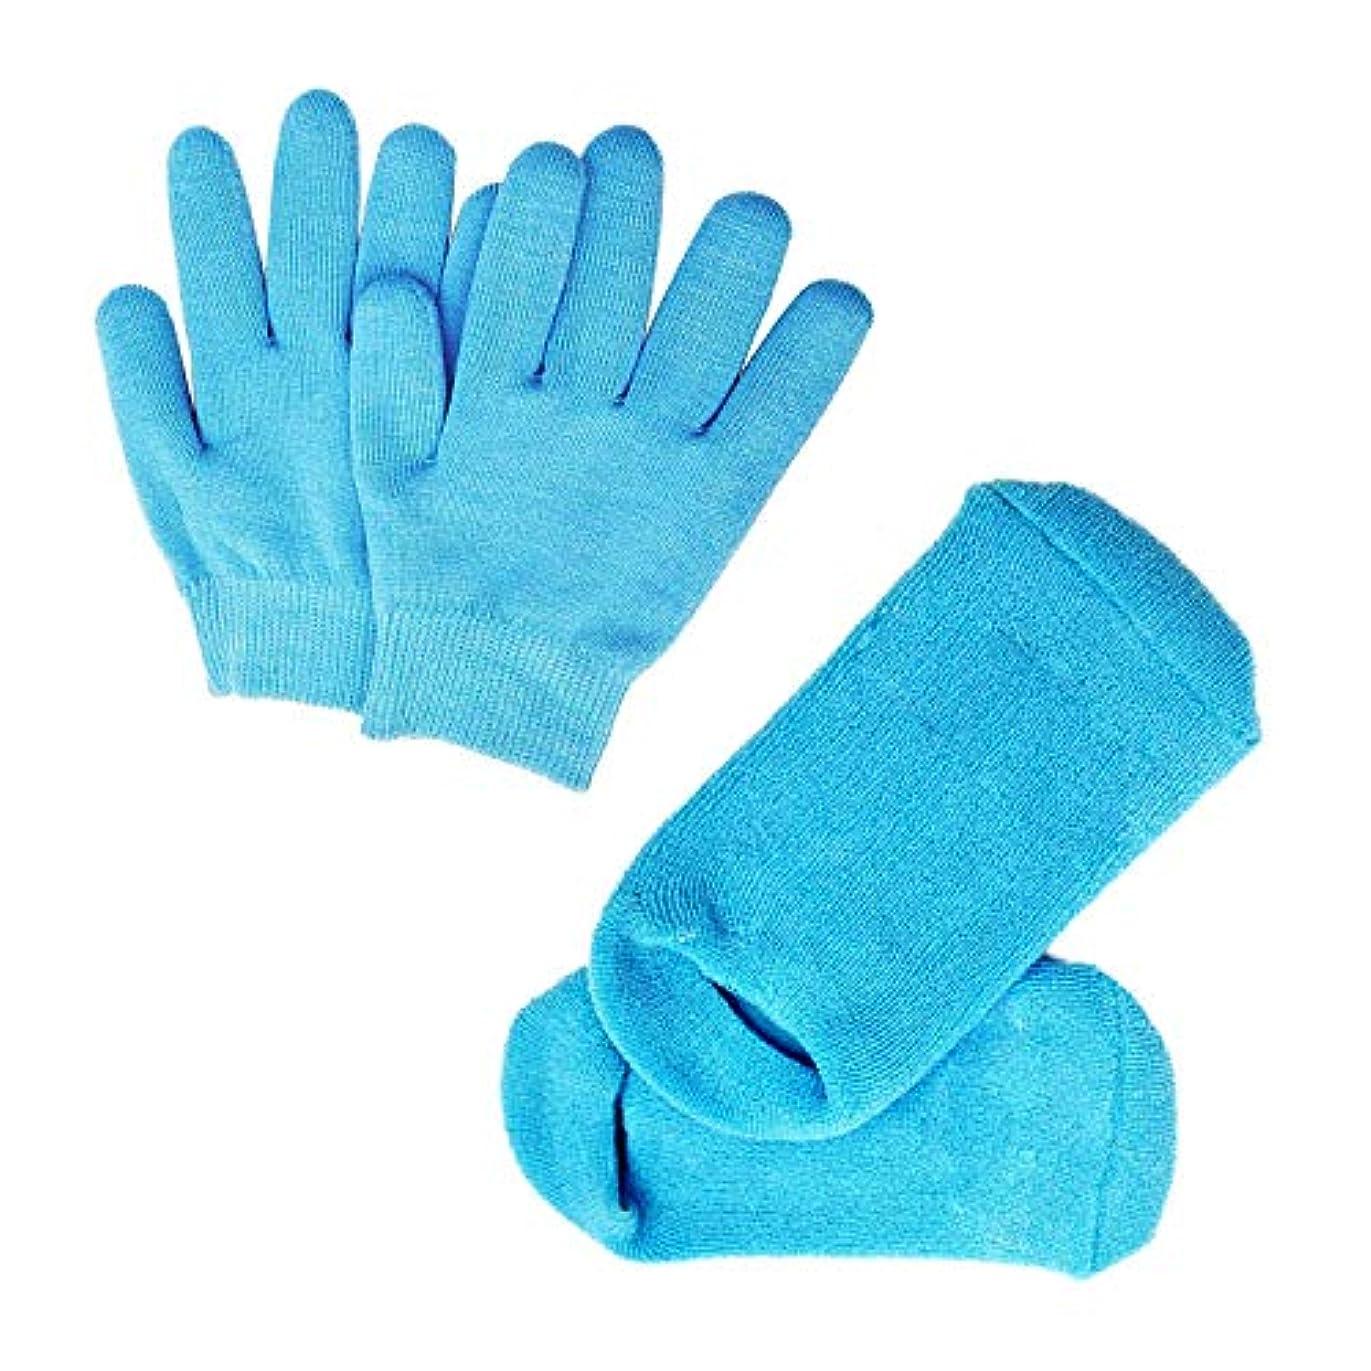 本体人里離れた本能Pinkiou 眠る森のSPAジェルグローブ/SPAジェルソックス ハンドケアグローブ/フットケアソックス 角質取り 保湿 かかとケア オープントゥ 素肌美人 靴下と手袋 一セット スバ いいお肌になりましょう(ブルー)